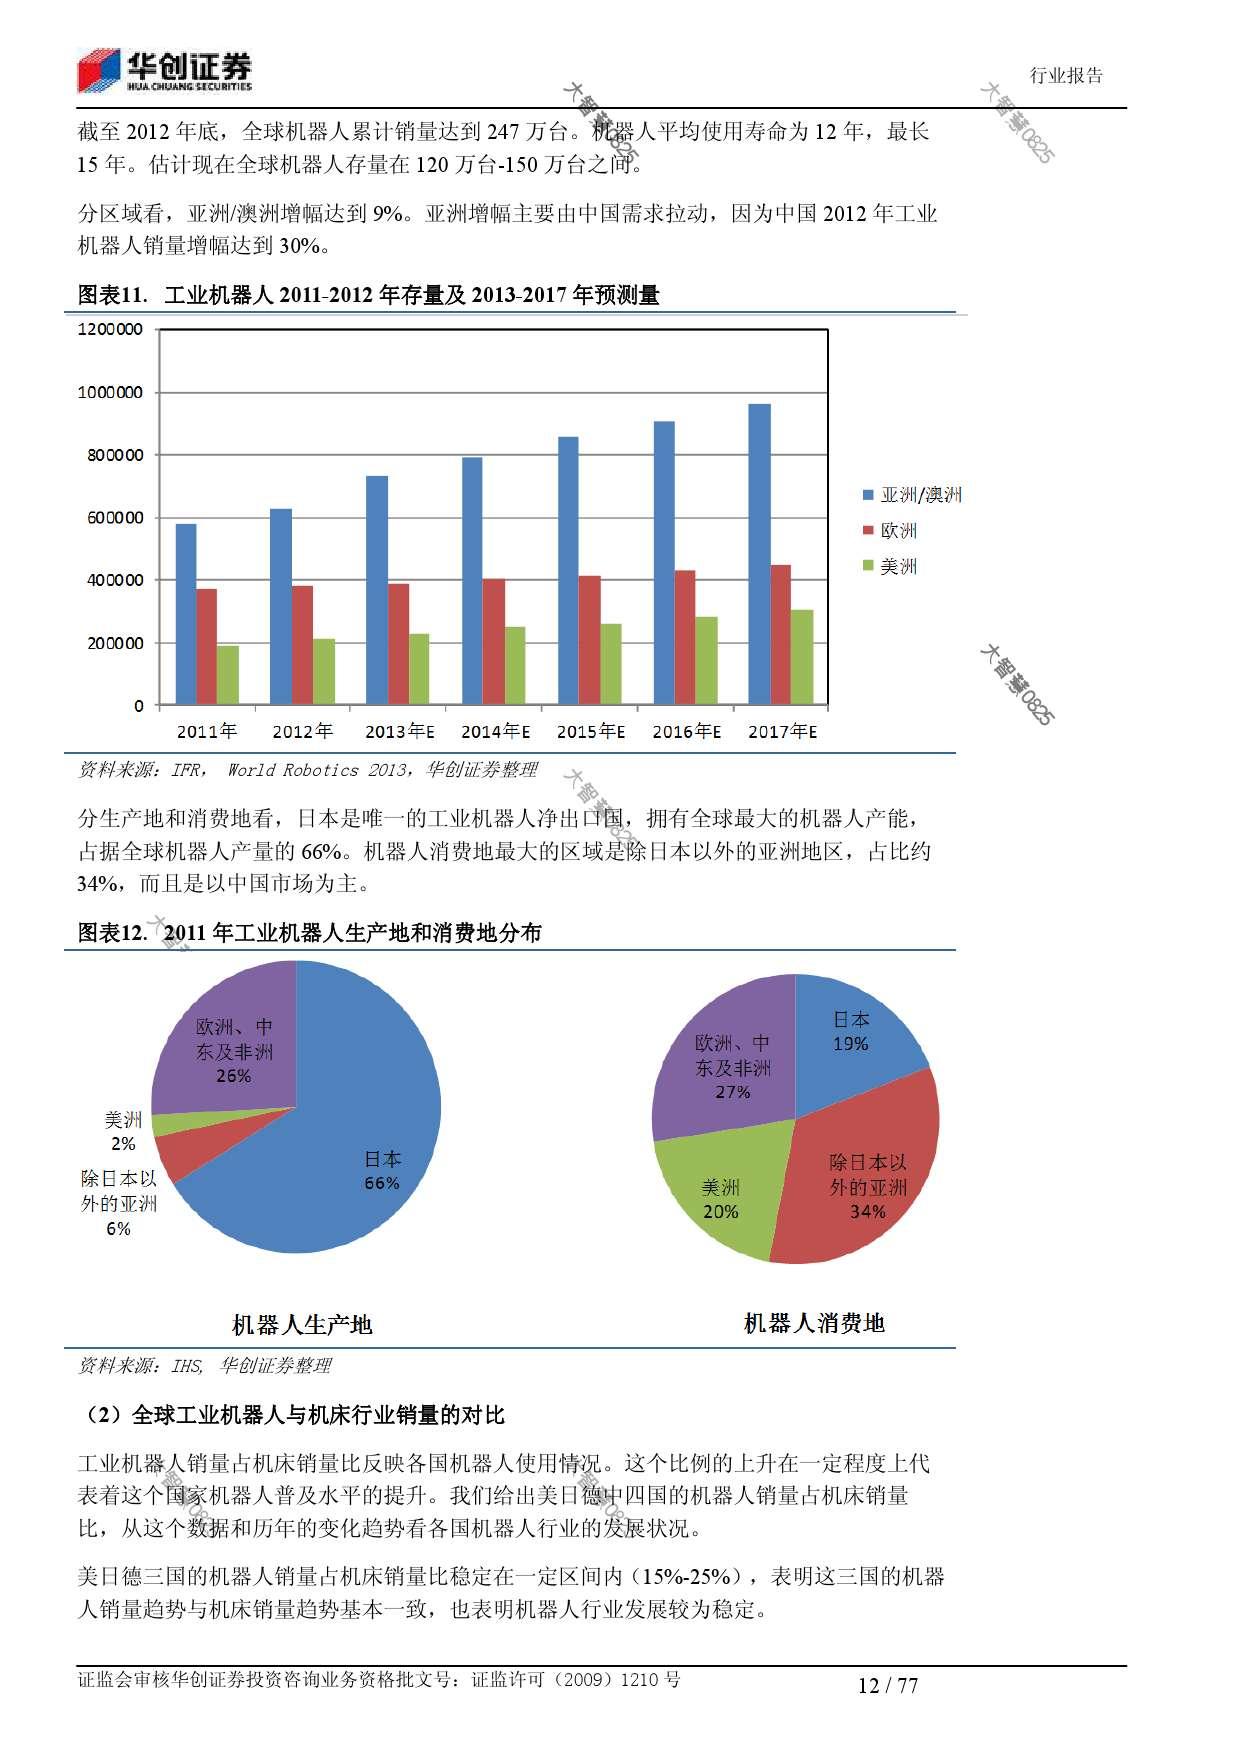 行业研究_华创证券_刘国清,鲁佩_机械设备:机器人大趋势_2014021_000012